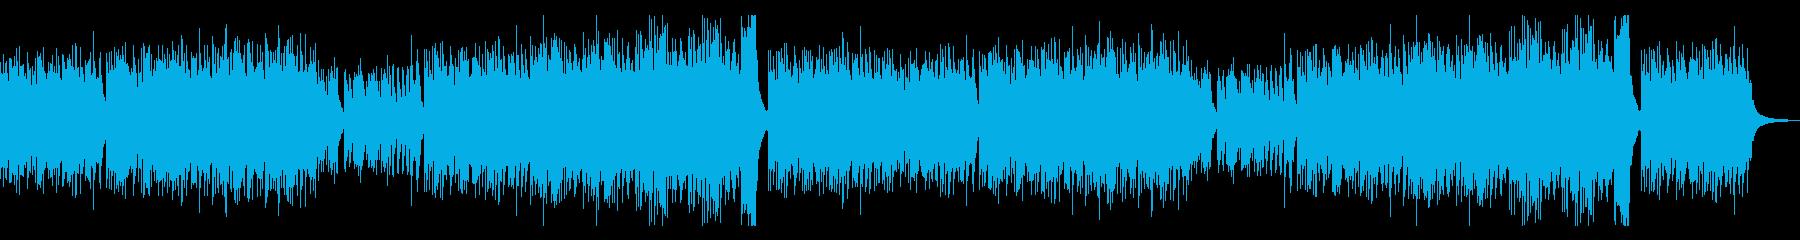 美しいく明るいメロディのピアノ 曲ロングの再生済みの波形